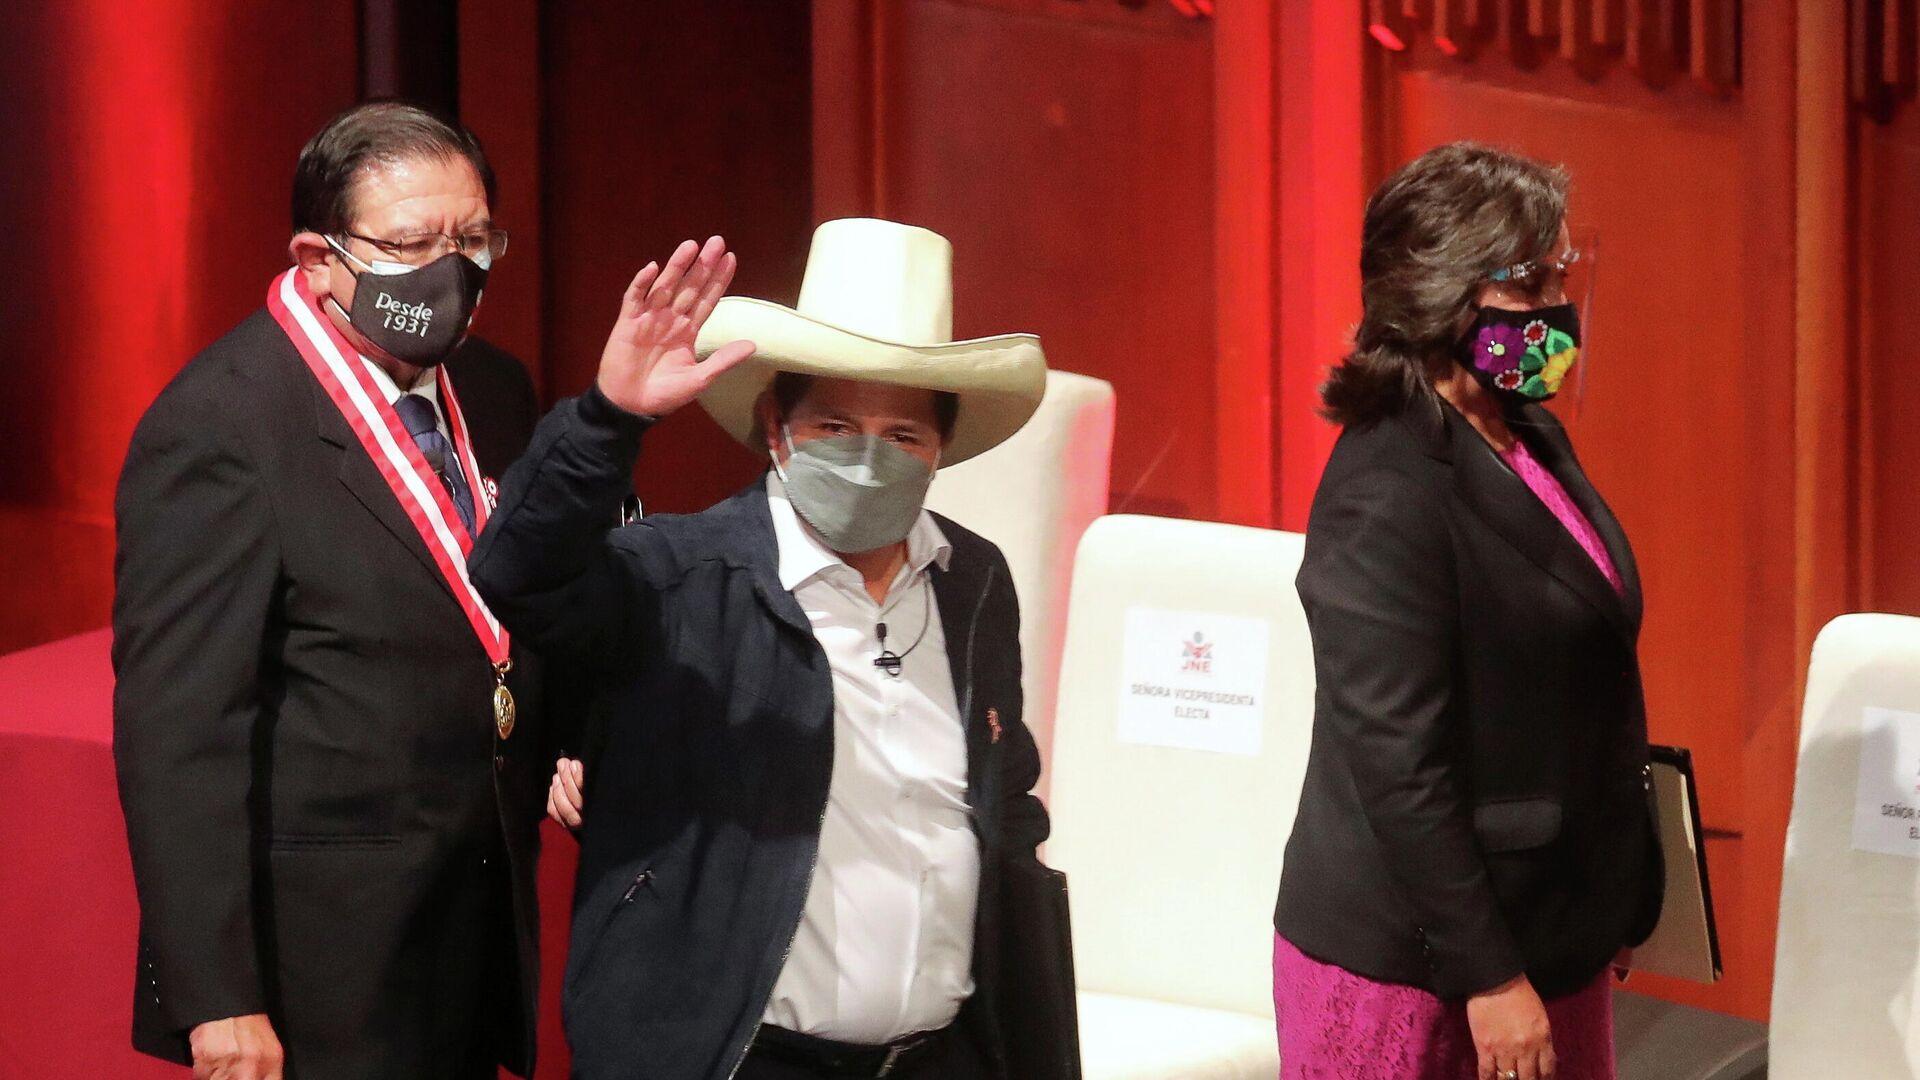 Pedro Castillo, presidente electo de Perú, recibe las cartas credenciales para la presidencia - Sputnik Mundo, 1920, 29.07.2021